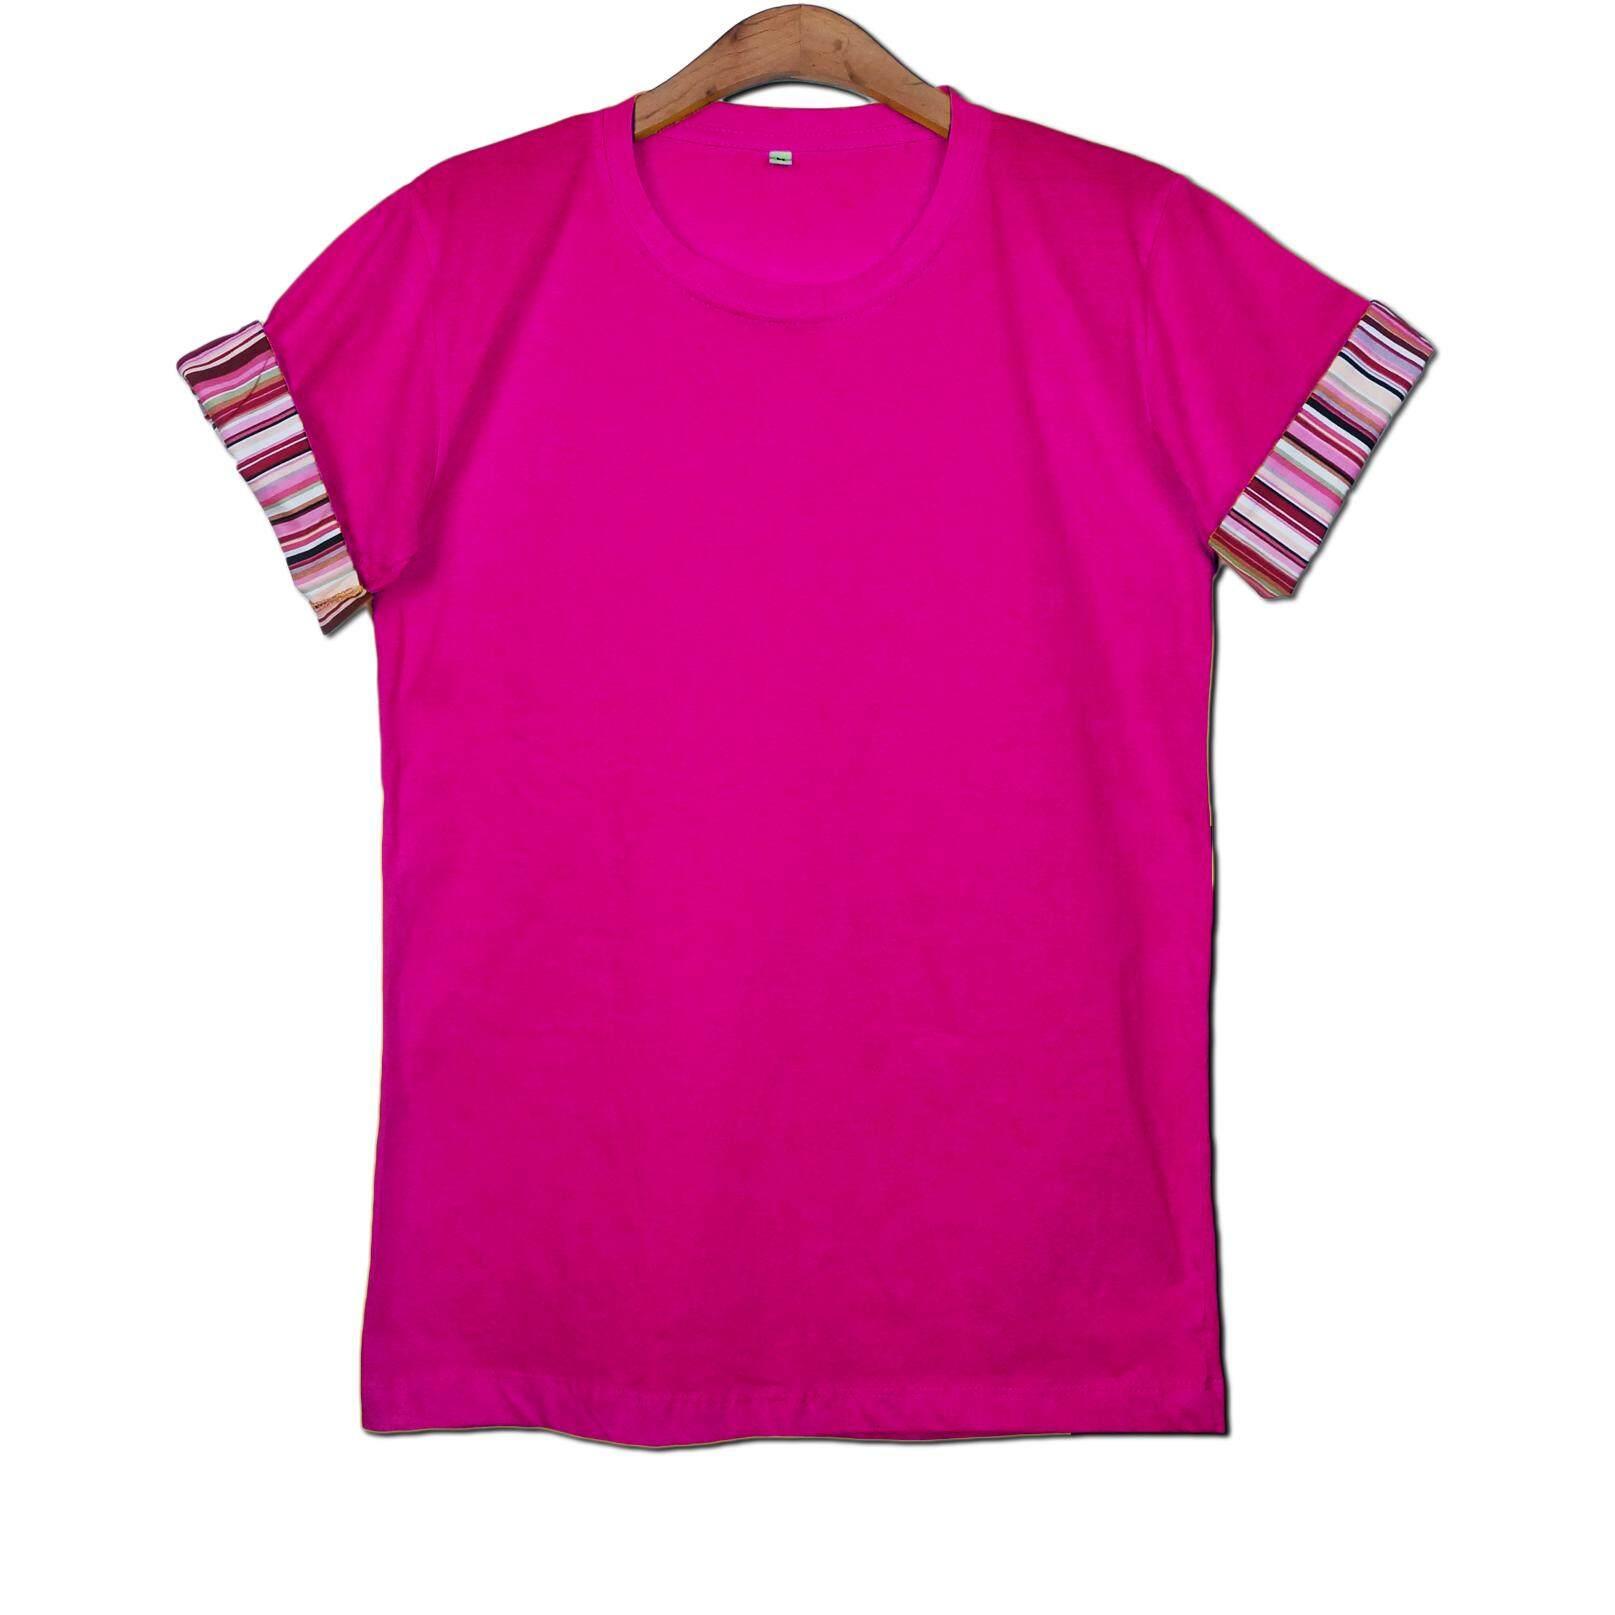 Best!! เสื้อยืดสำหรับเด็ก เสื้อยืดคอกลม เสื้อยืดคอตตอน เนื้อผ้านุ่นมือ สีสันสดใส Cotton100% มีให้ไซส์ให้เลือกตั้งแต่ 2ขวบ - 8 ขวบ สีมากกว่า 15 สี รหัส CU0555